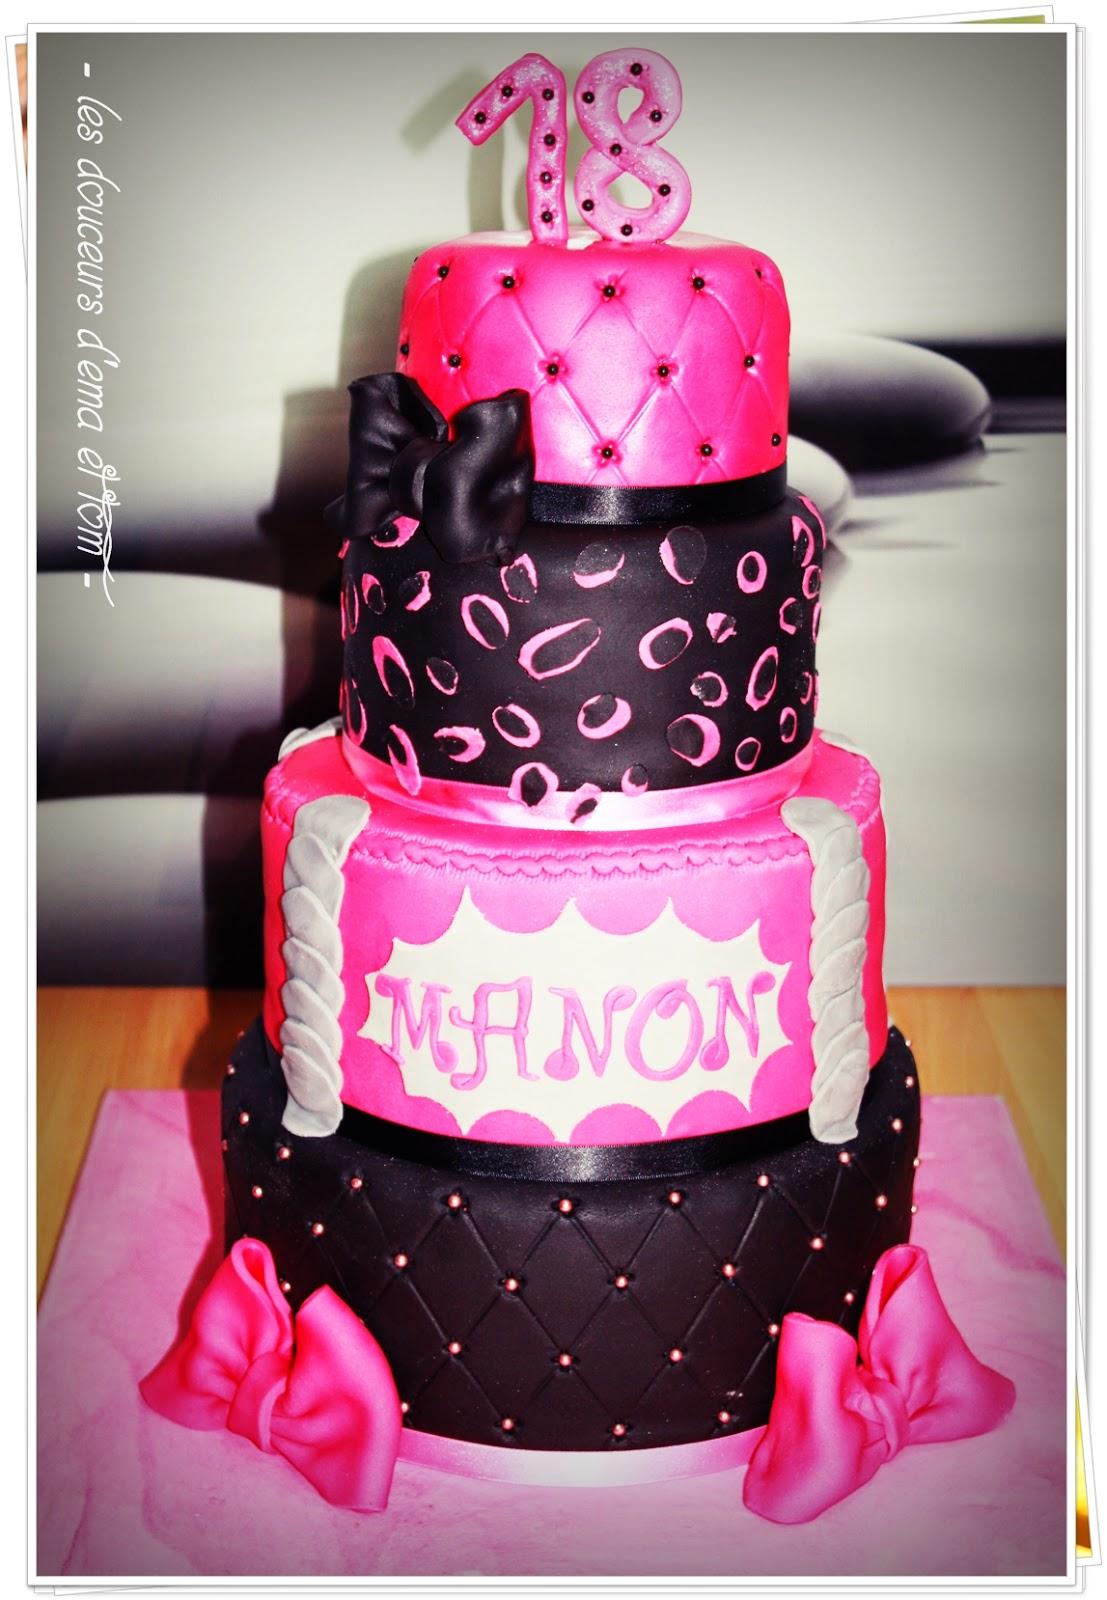 Les douceurs d 39 ema et tom cake design girly pour les 18 ans de manon d fi cuisine cake design - Gateau anniversaire fille 10 ans ...